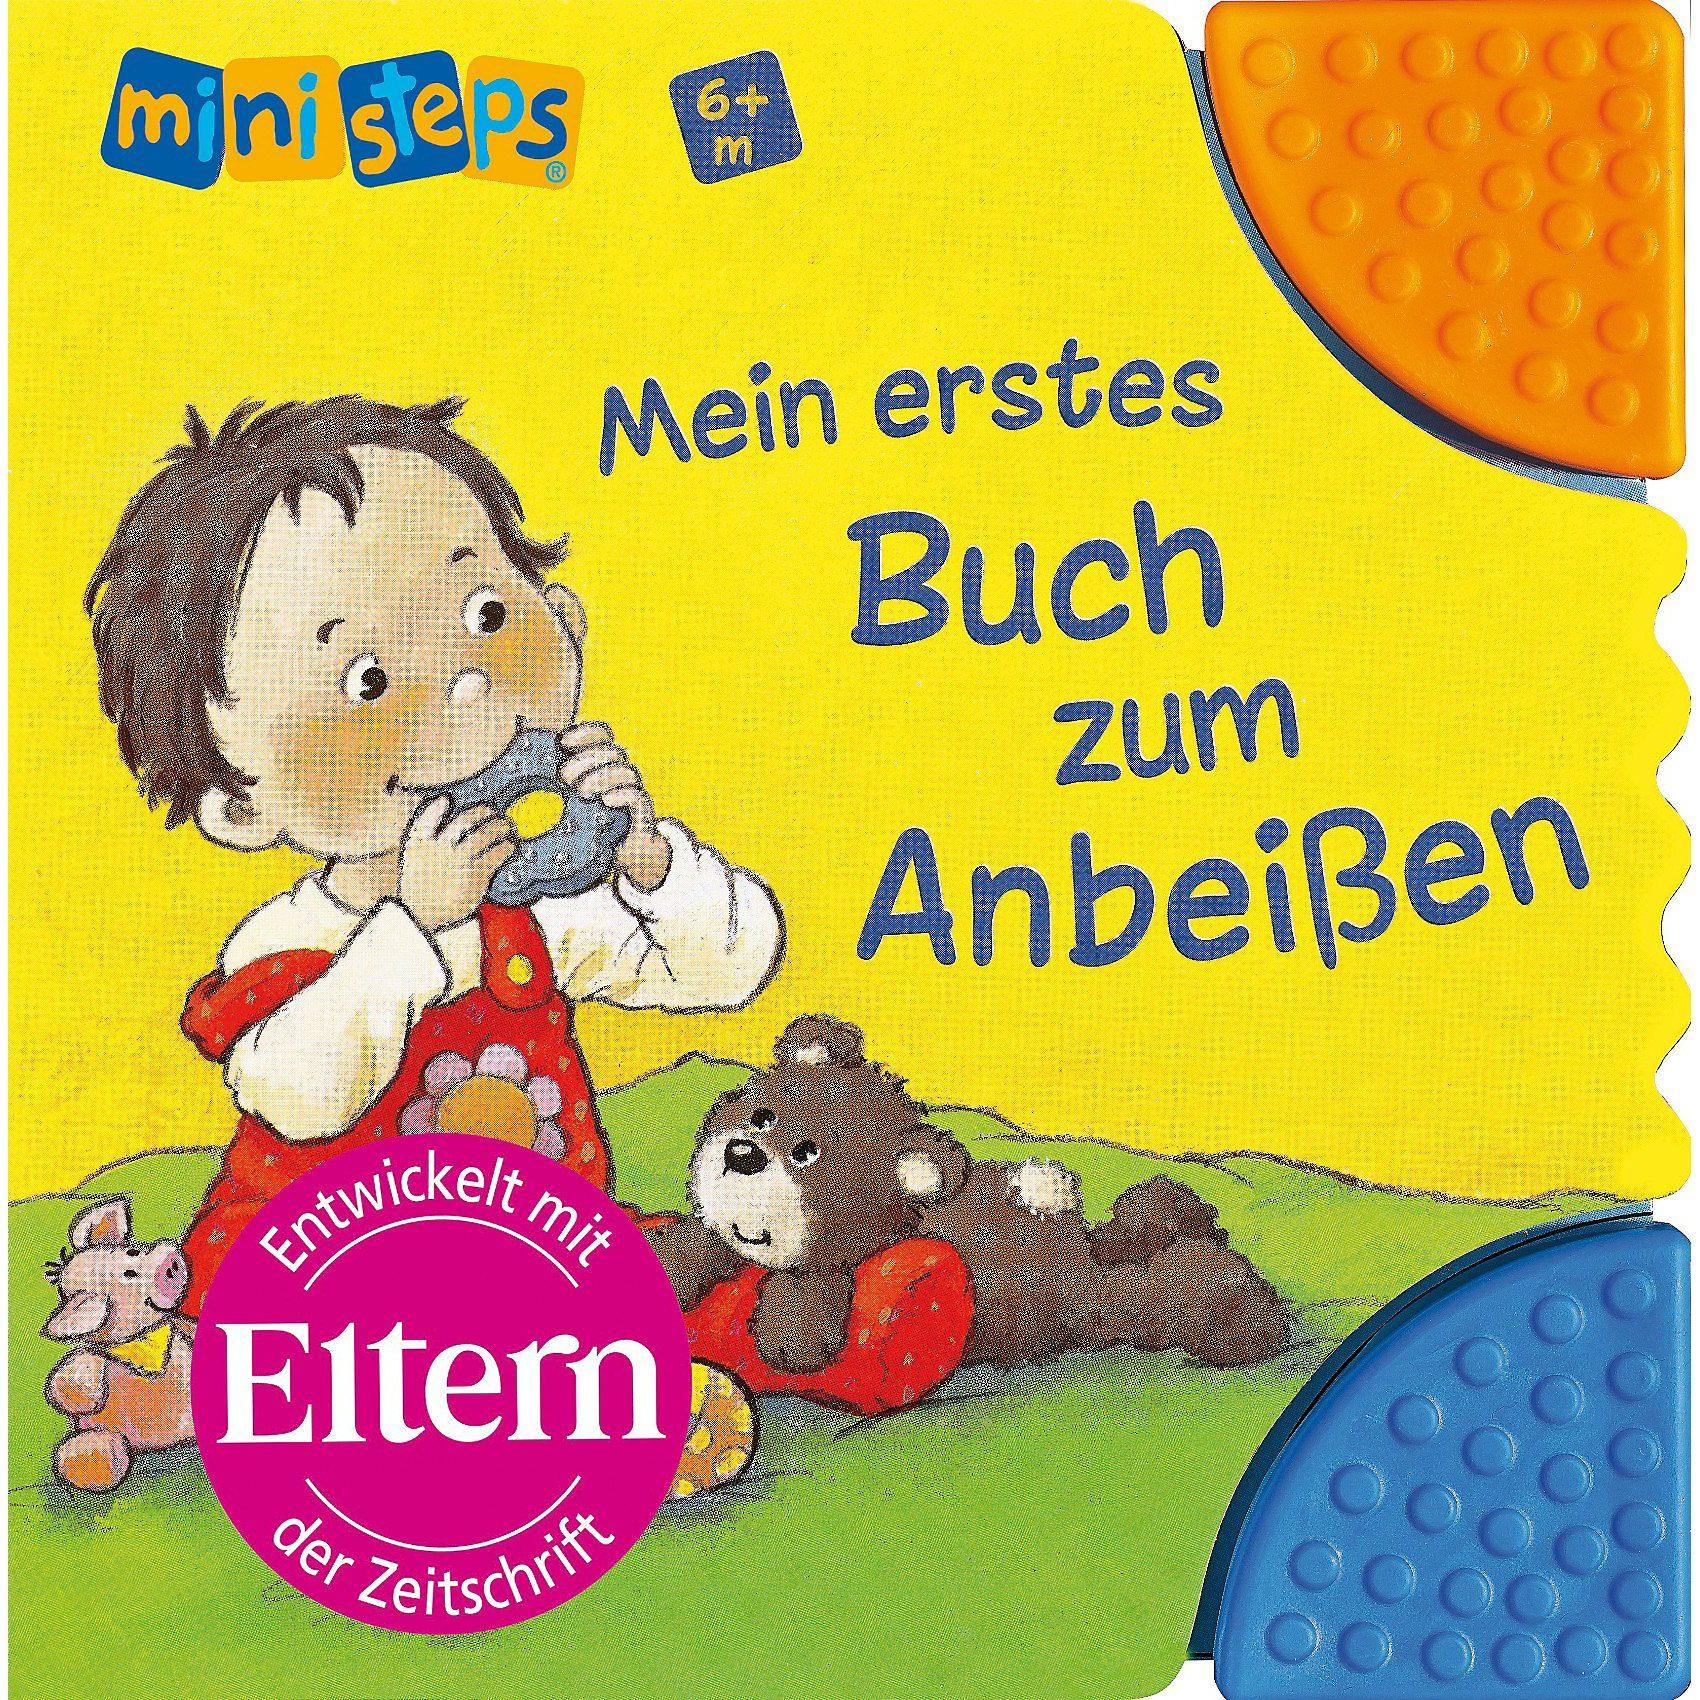 Ravensburger ministeps Mein erstes Buch zum Anbeißen